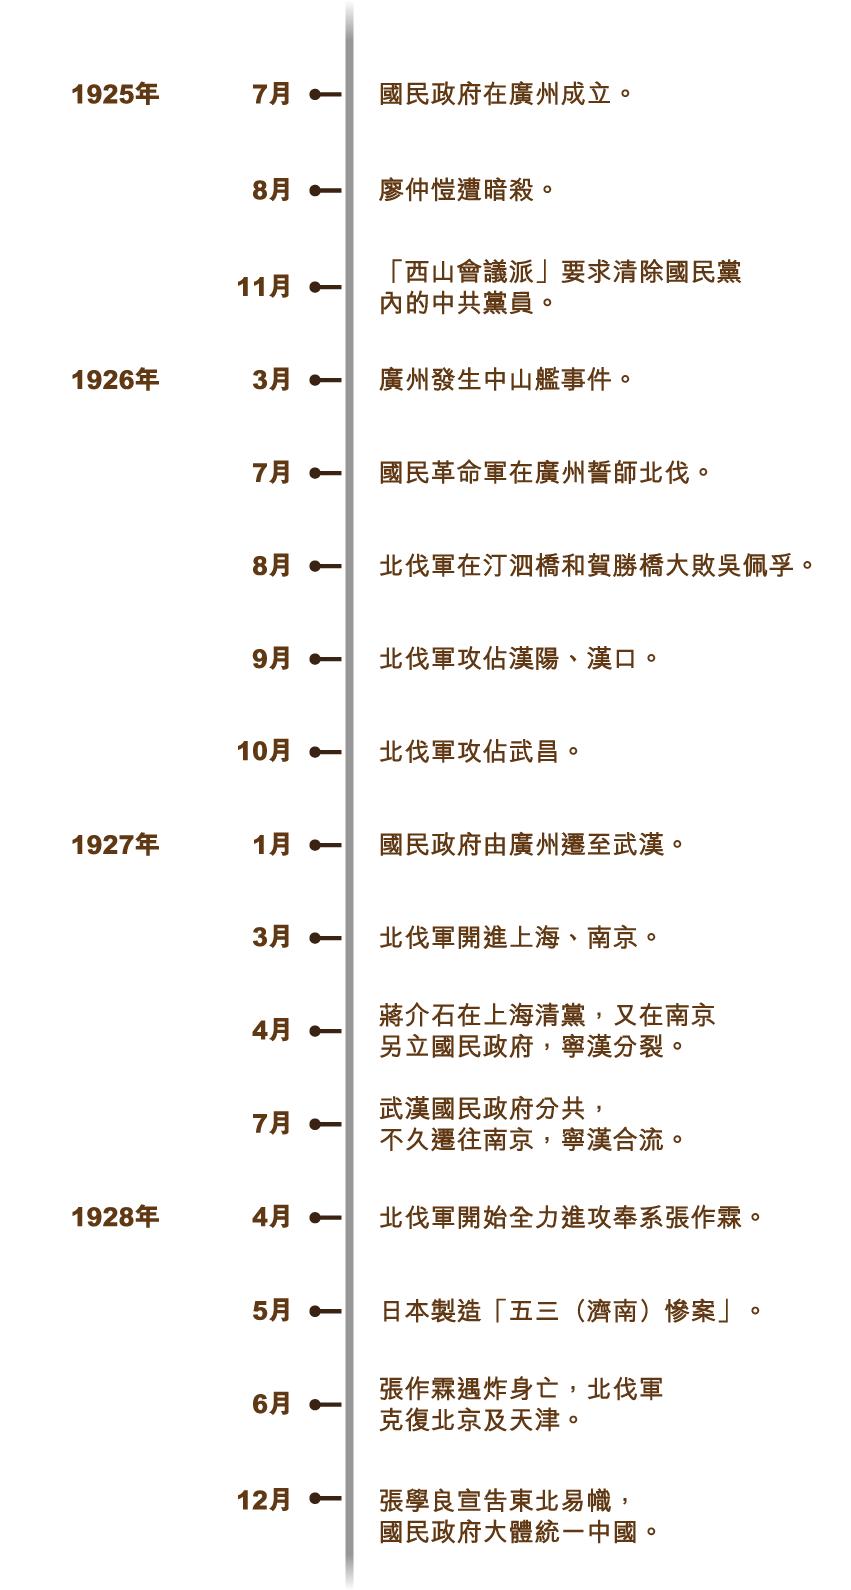 beifa_timeline_v5-01